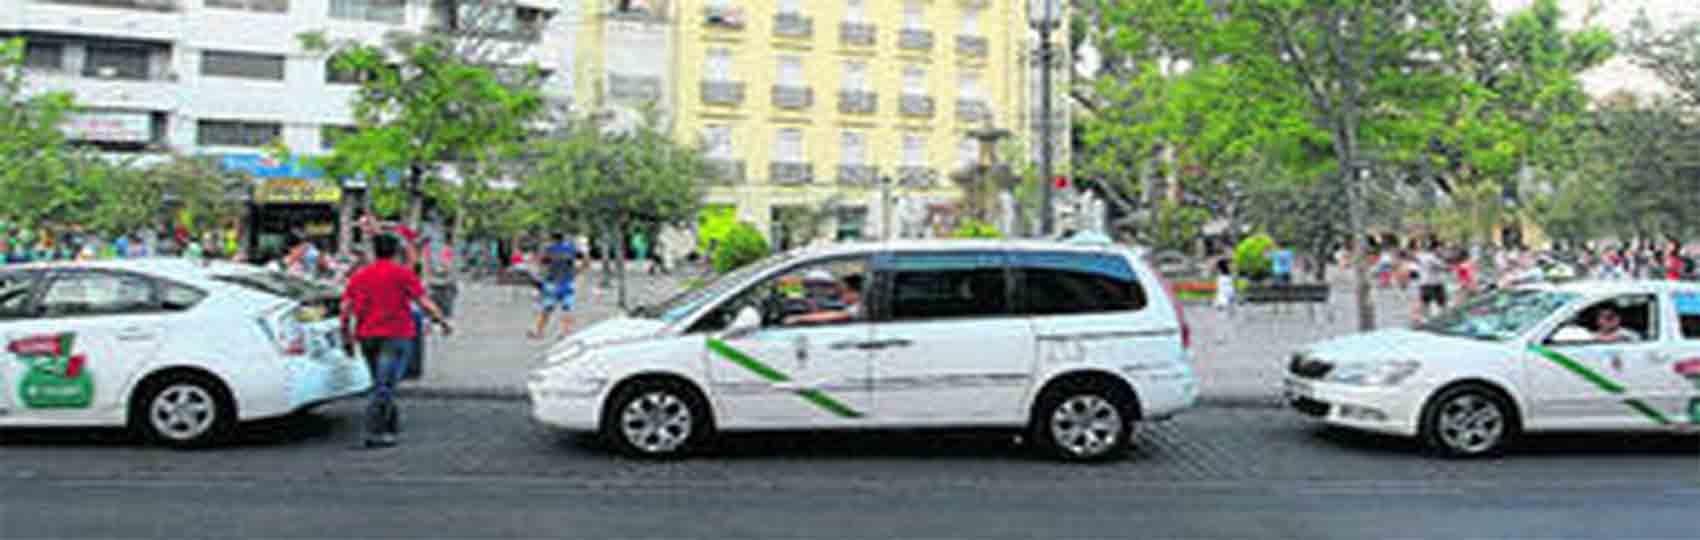 Noticias del sector del taxi a demanda. Mantente informado de todas las noticias del taxi a demanda en el grupo de Facebook de Todo Taxi.